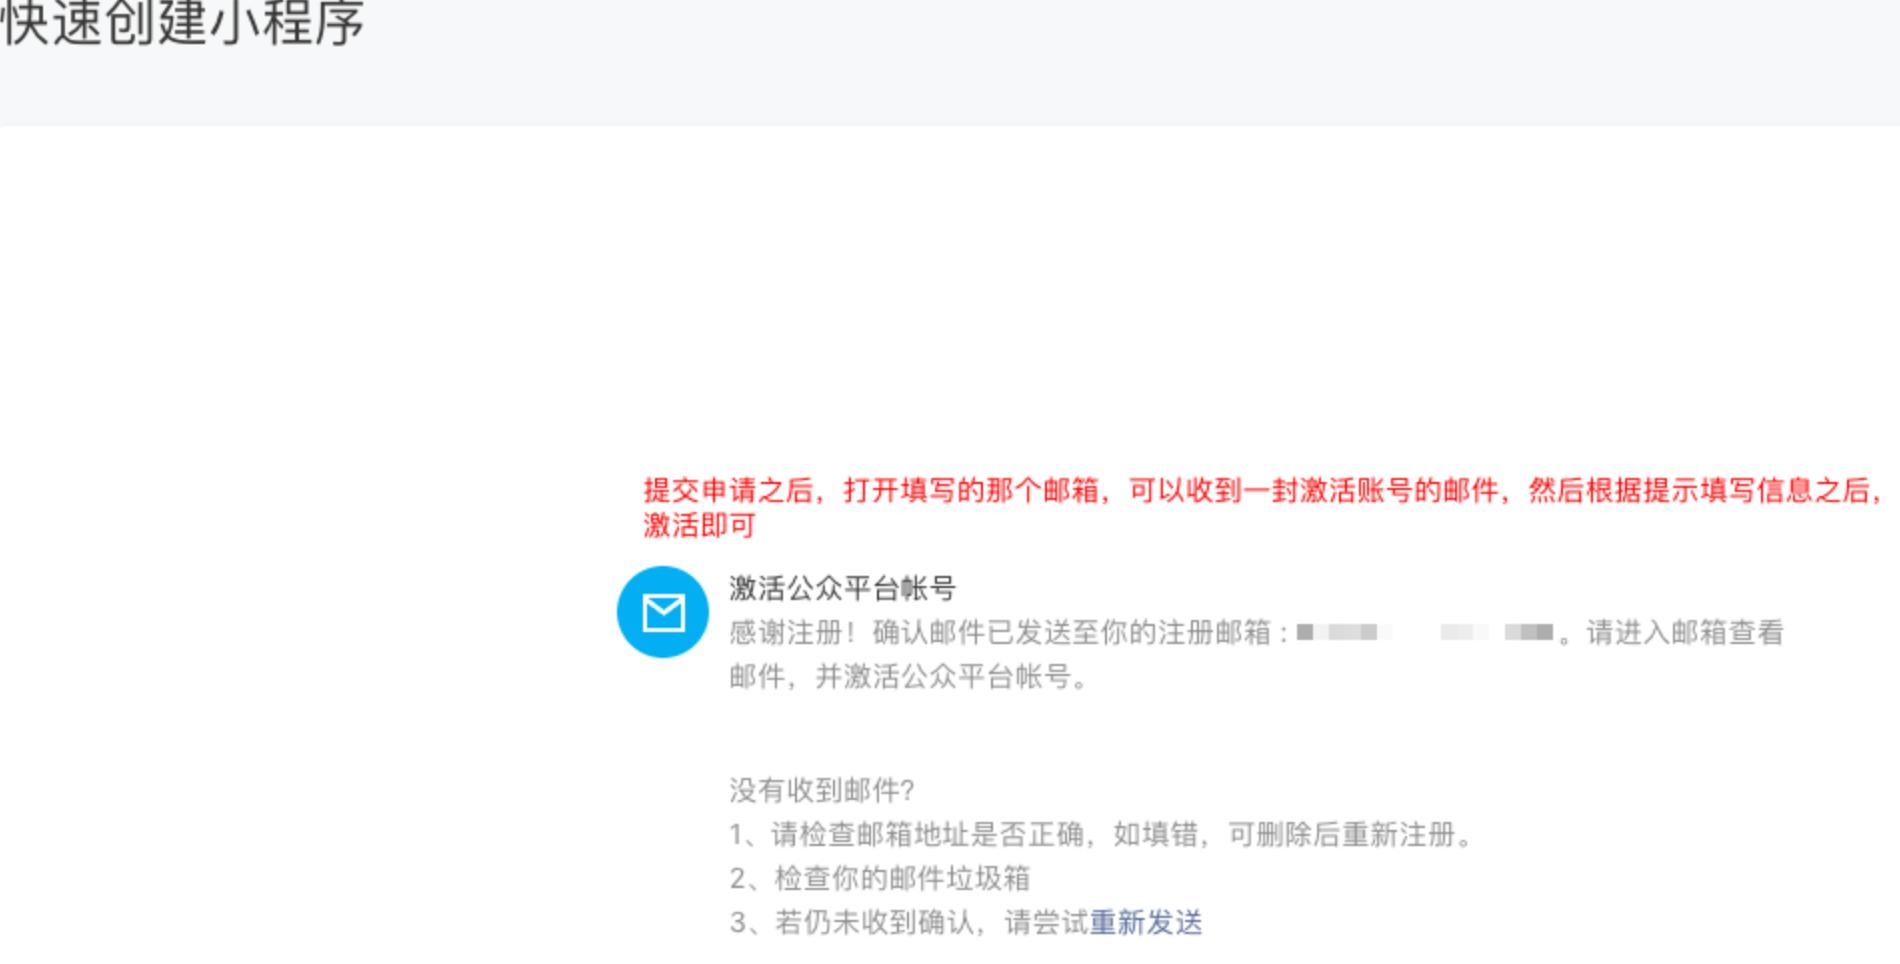 微信小程序申請和認證流程第六步(1)